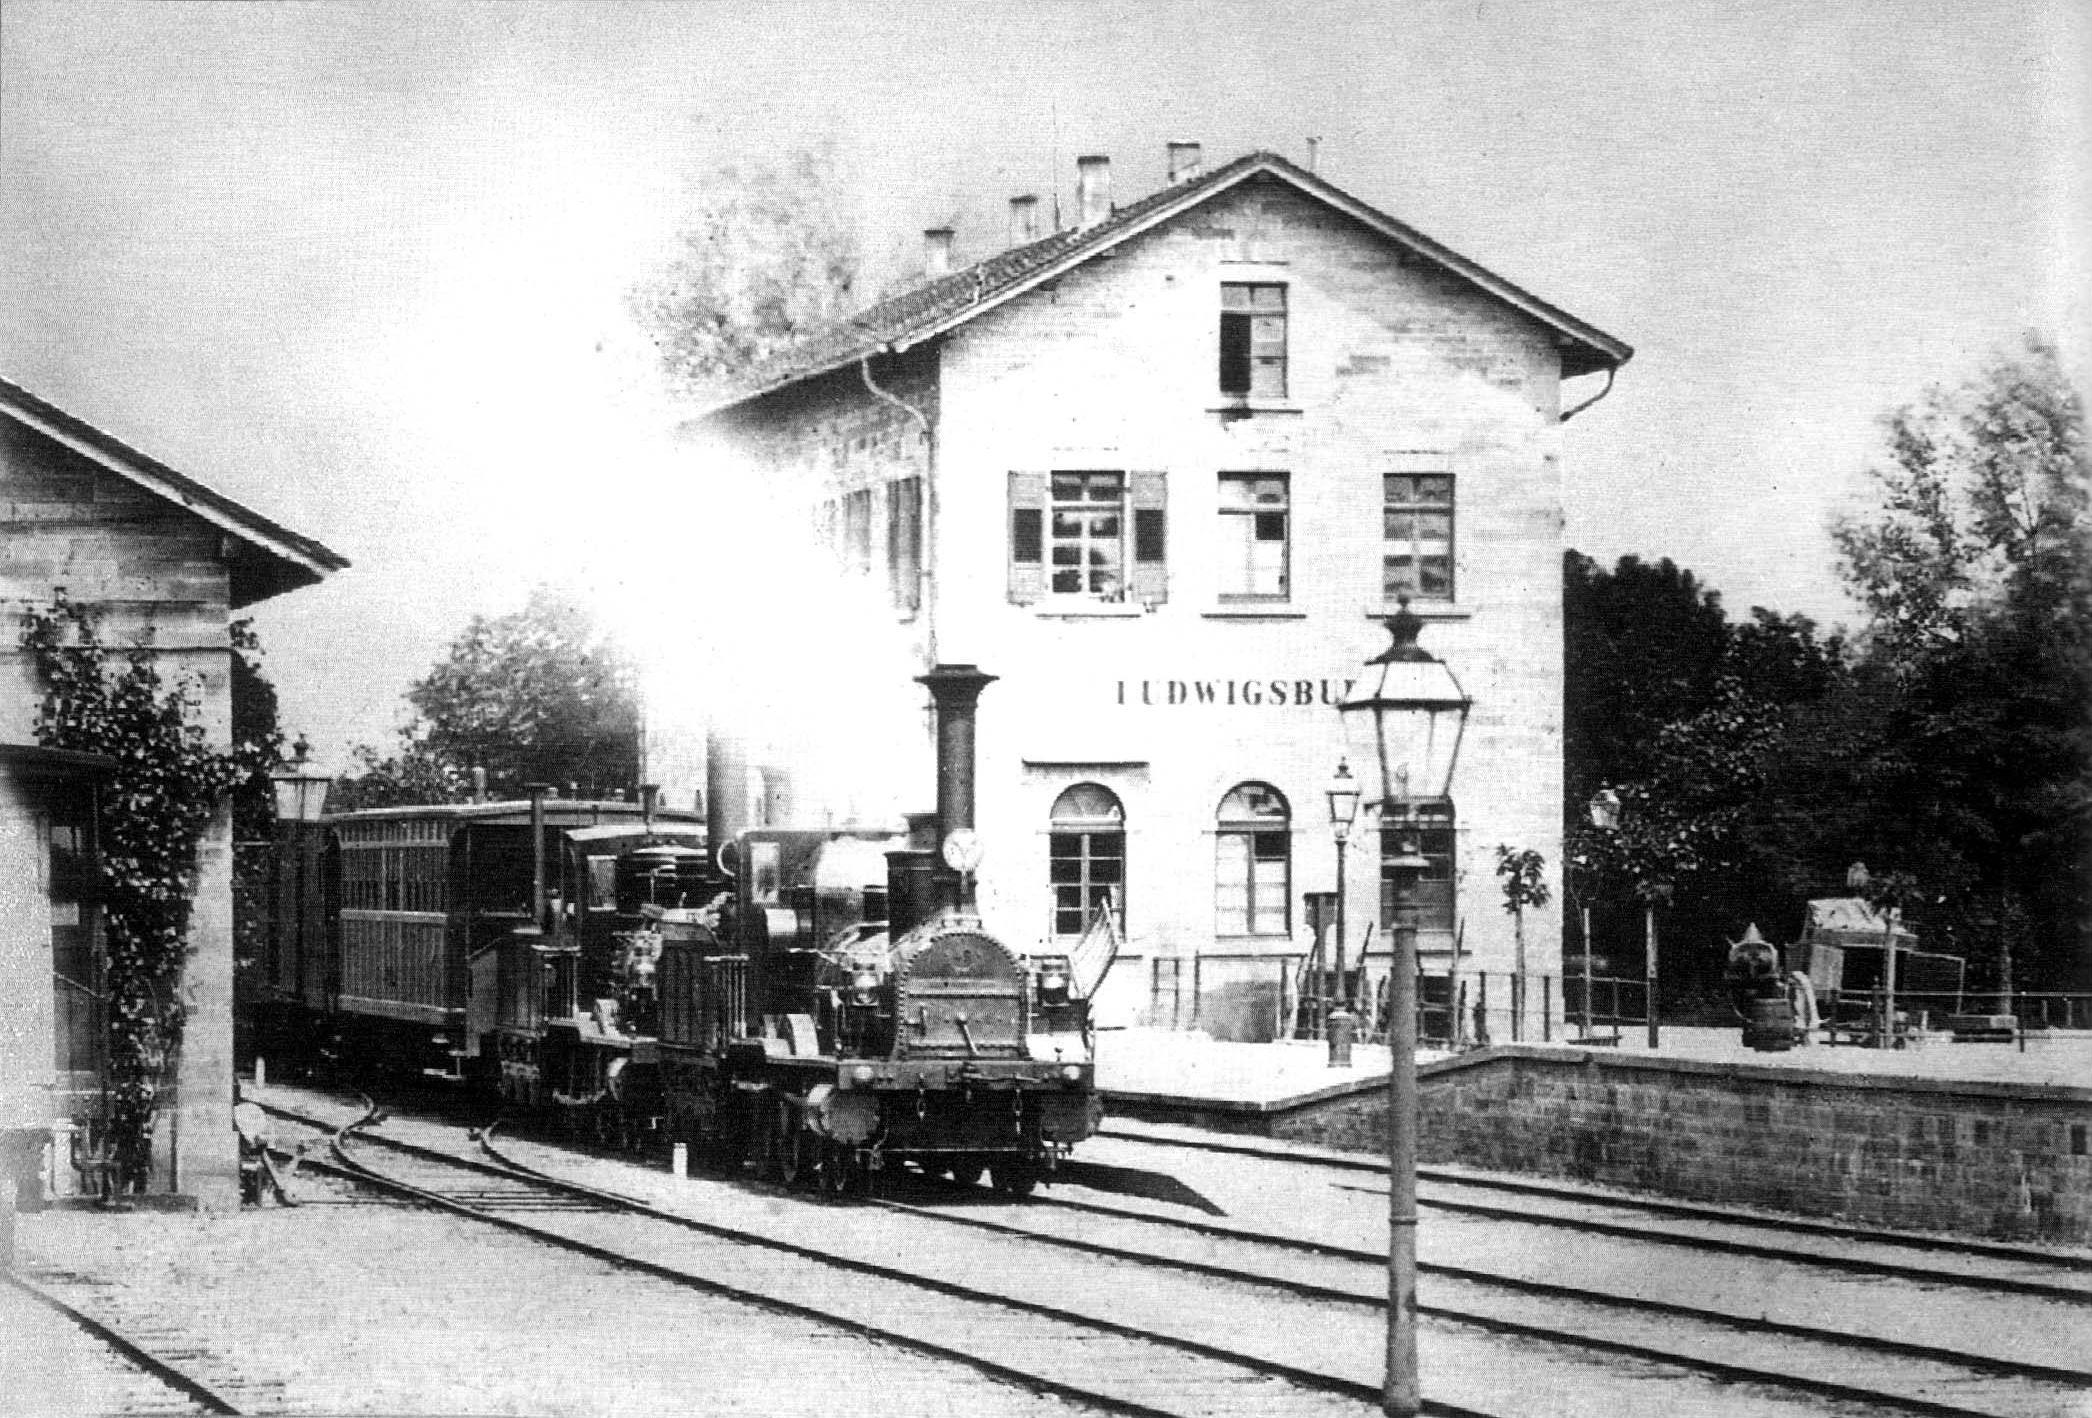 zwei Lokomotiven der Klasse III im Bahnhof Ludwigsburg, zirka 1860